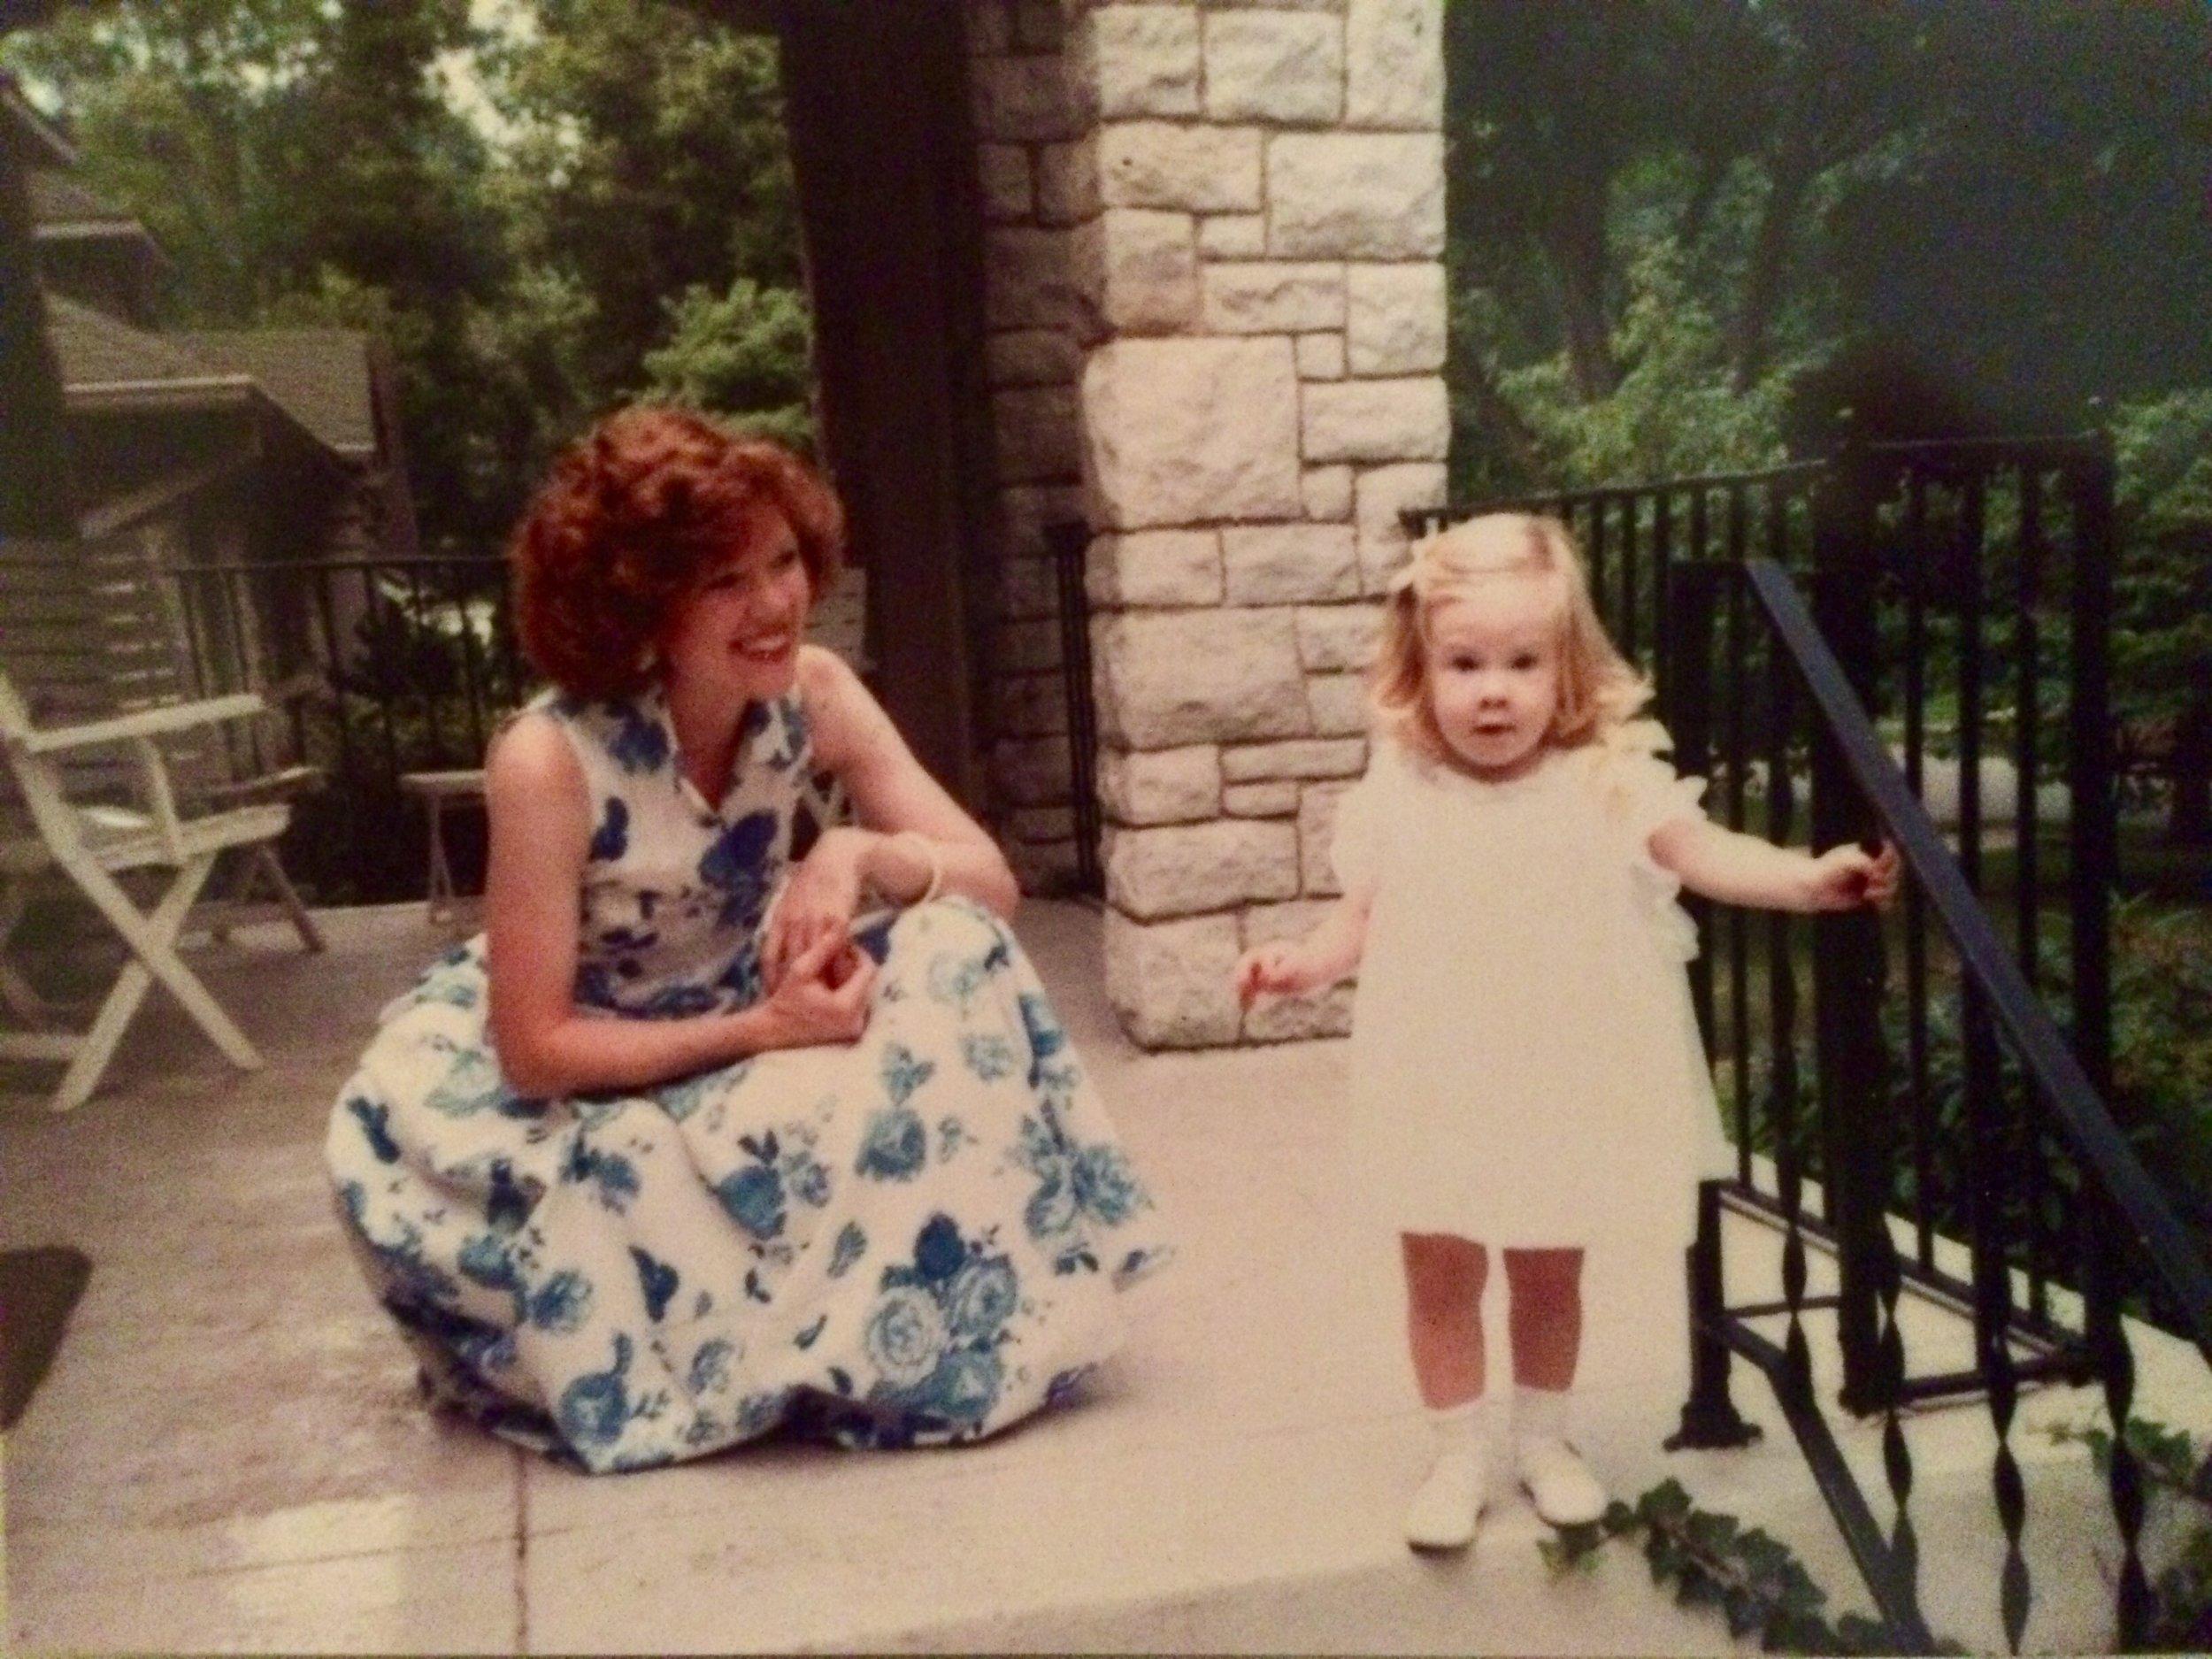 Caroline and her mom